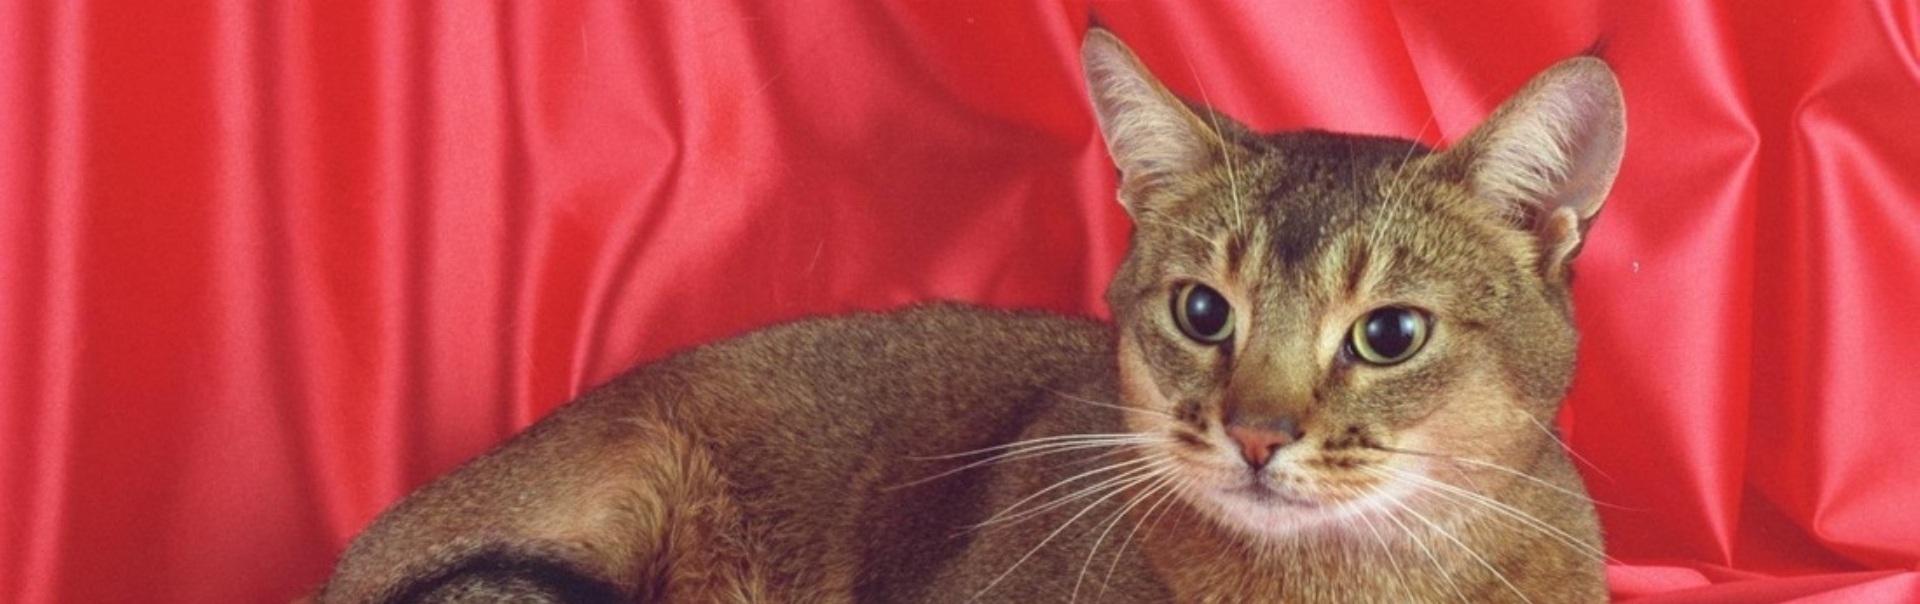 Top 10 cele mai inteligente rase de pisici